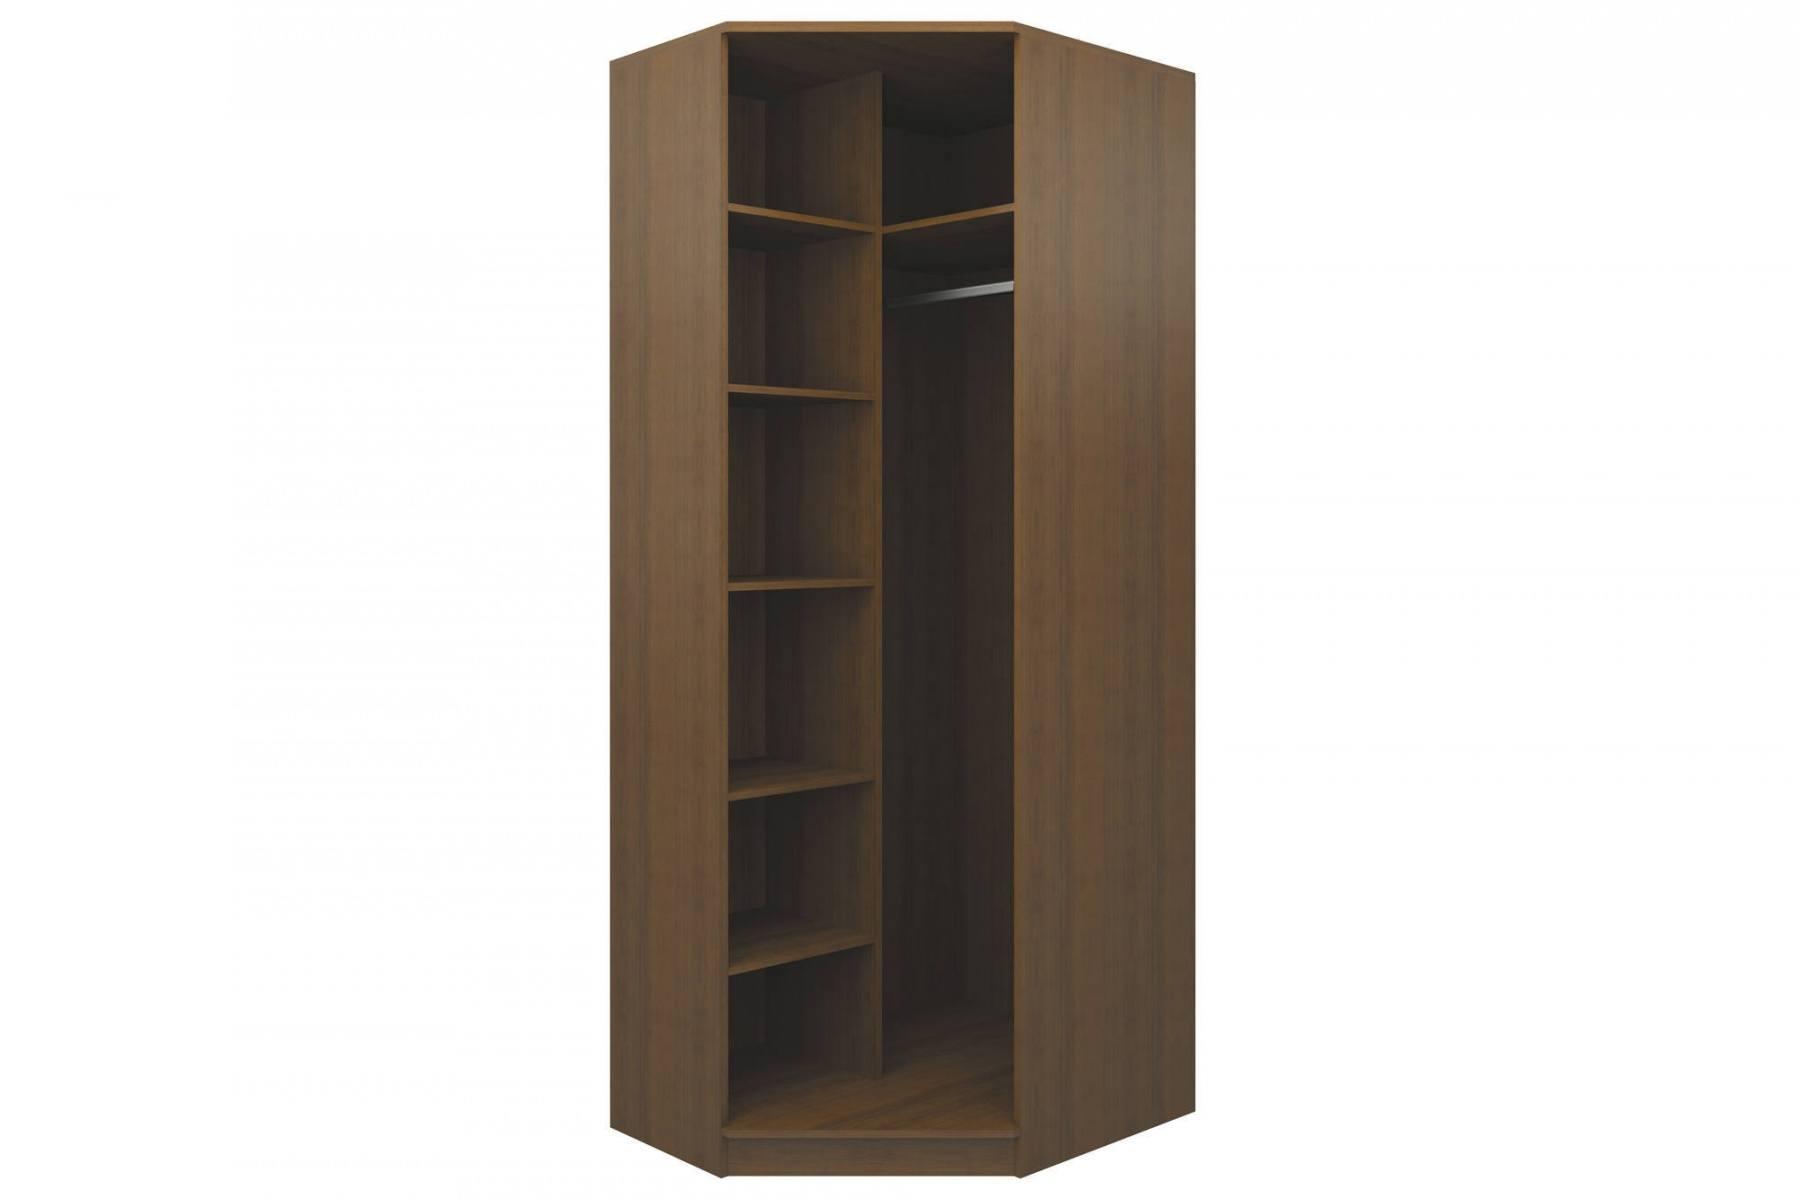 вешалка деревянная для одежды в шкаф